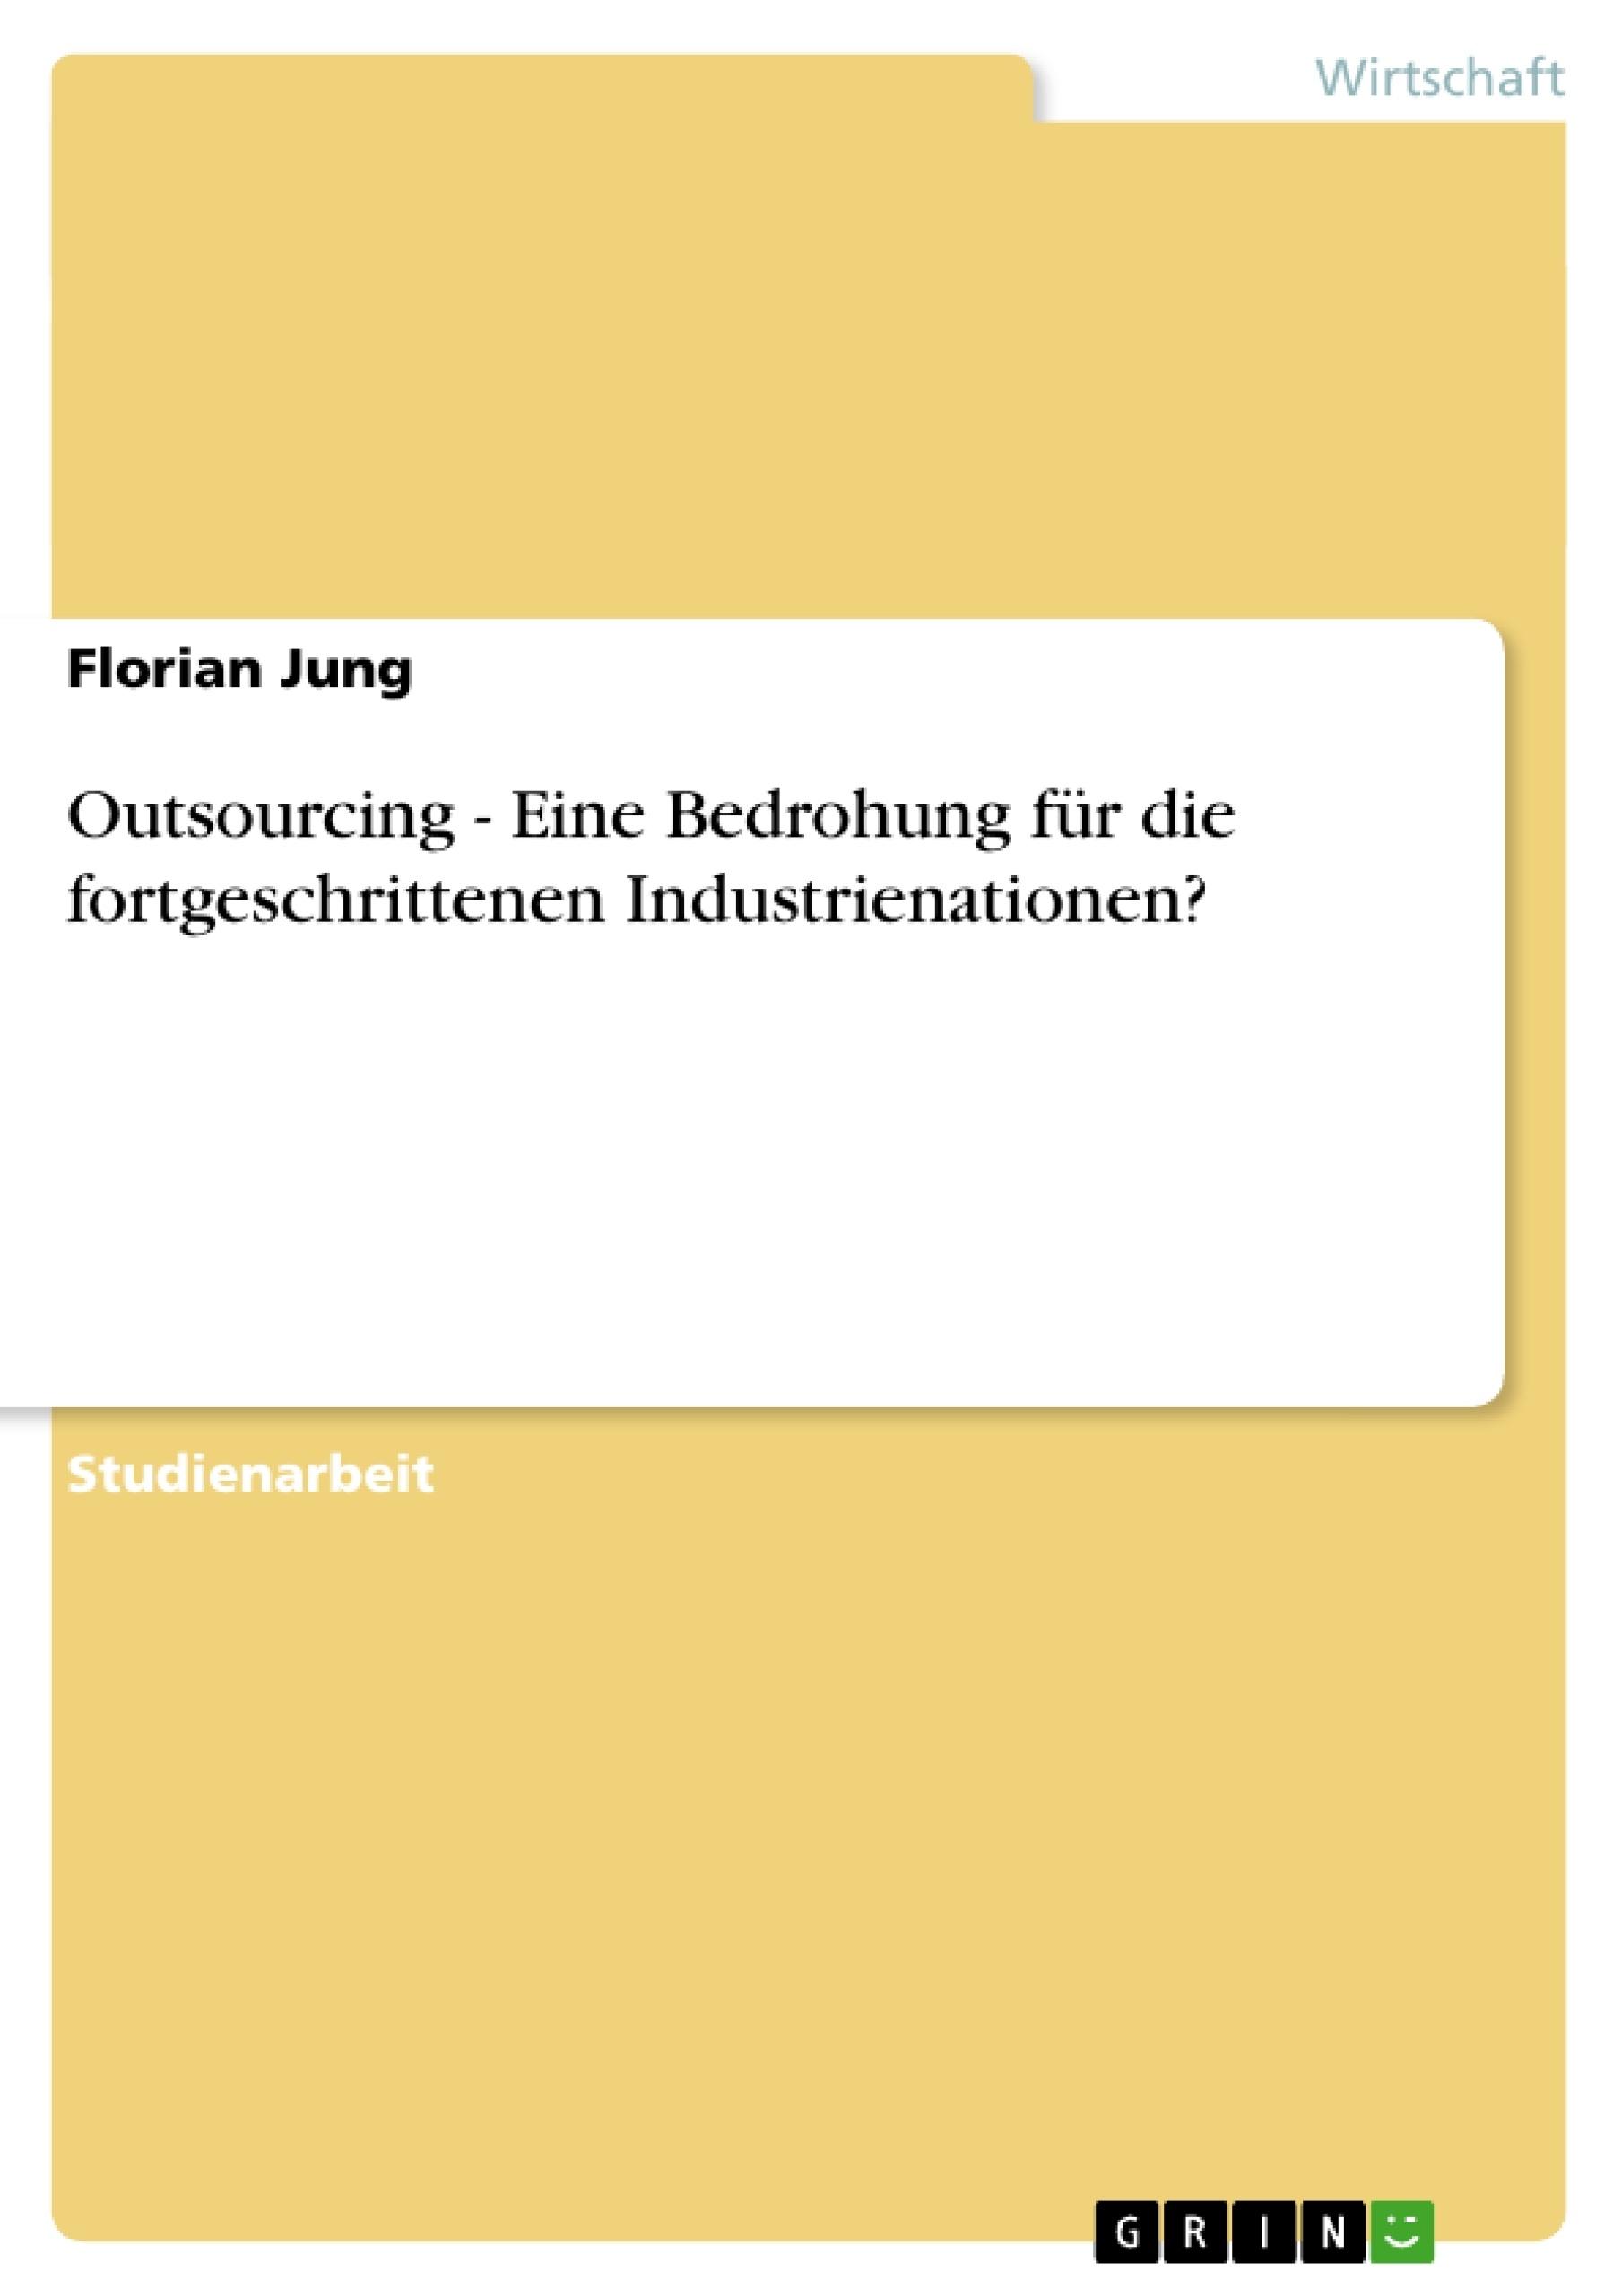 Titel: Outsourcing - Eine Bedrohung für die fortgeschrittenen Industrienationen?